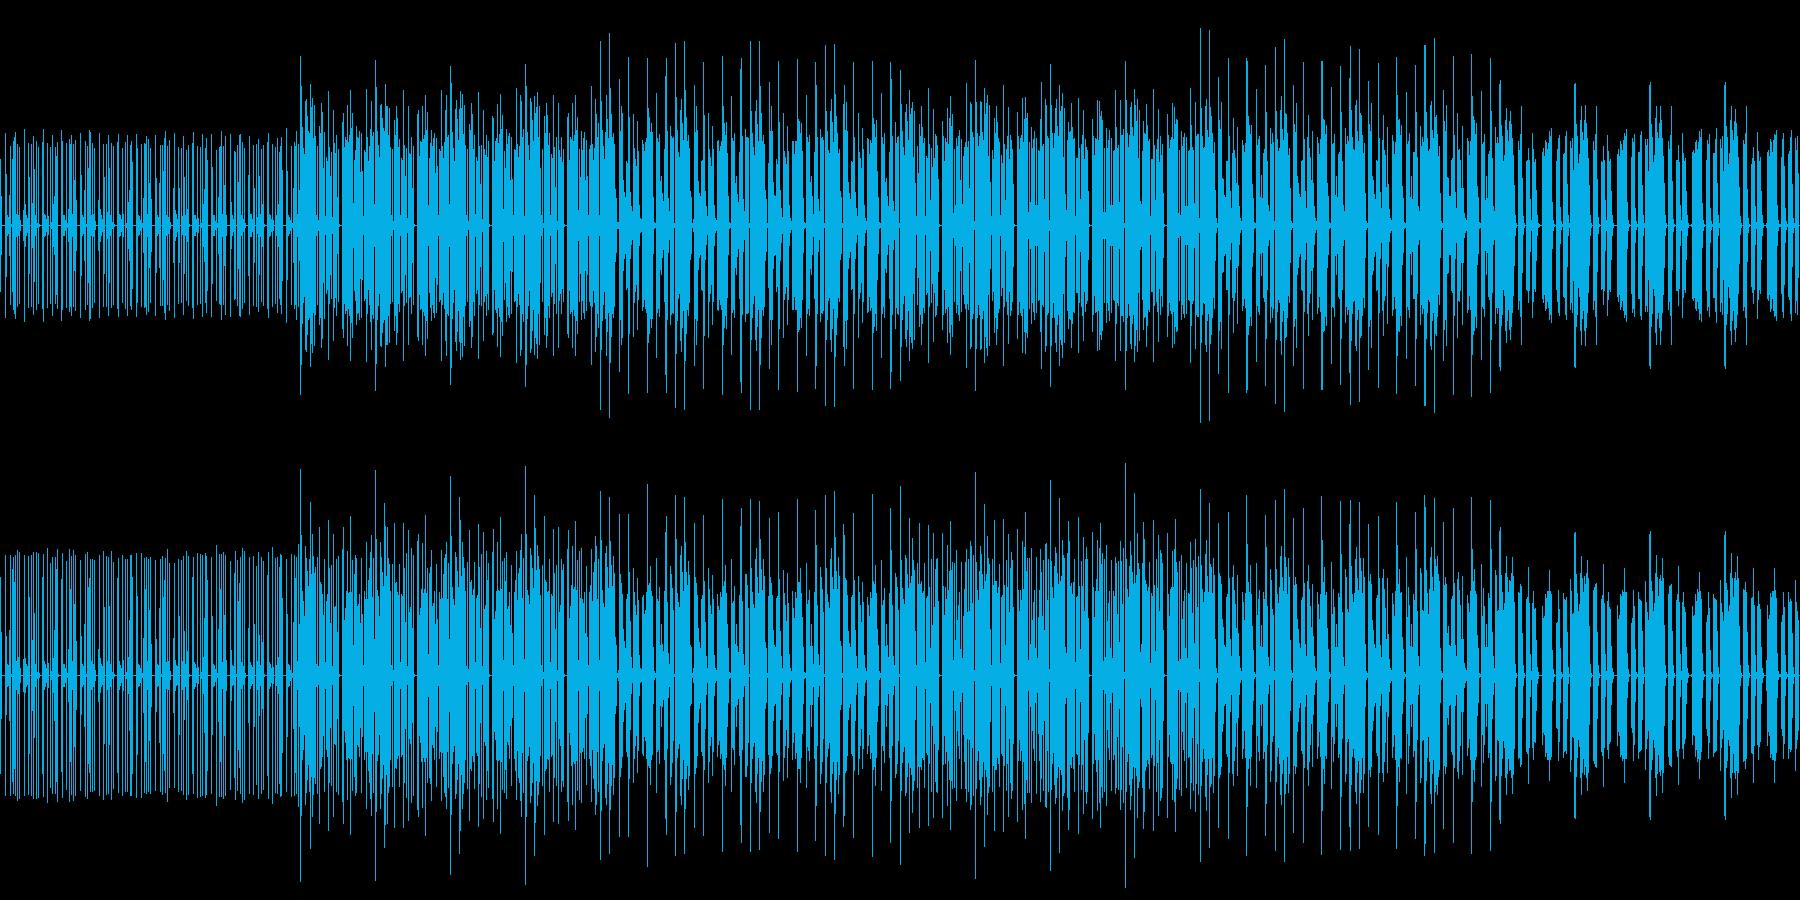 【映像/PV/オープニング/ポップス】の再生済みの波形